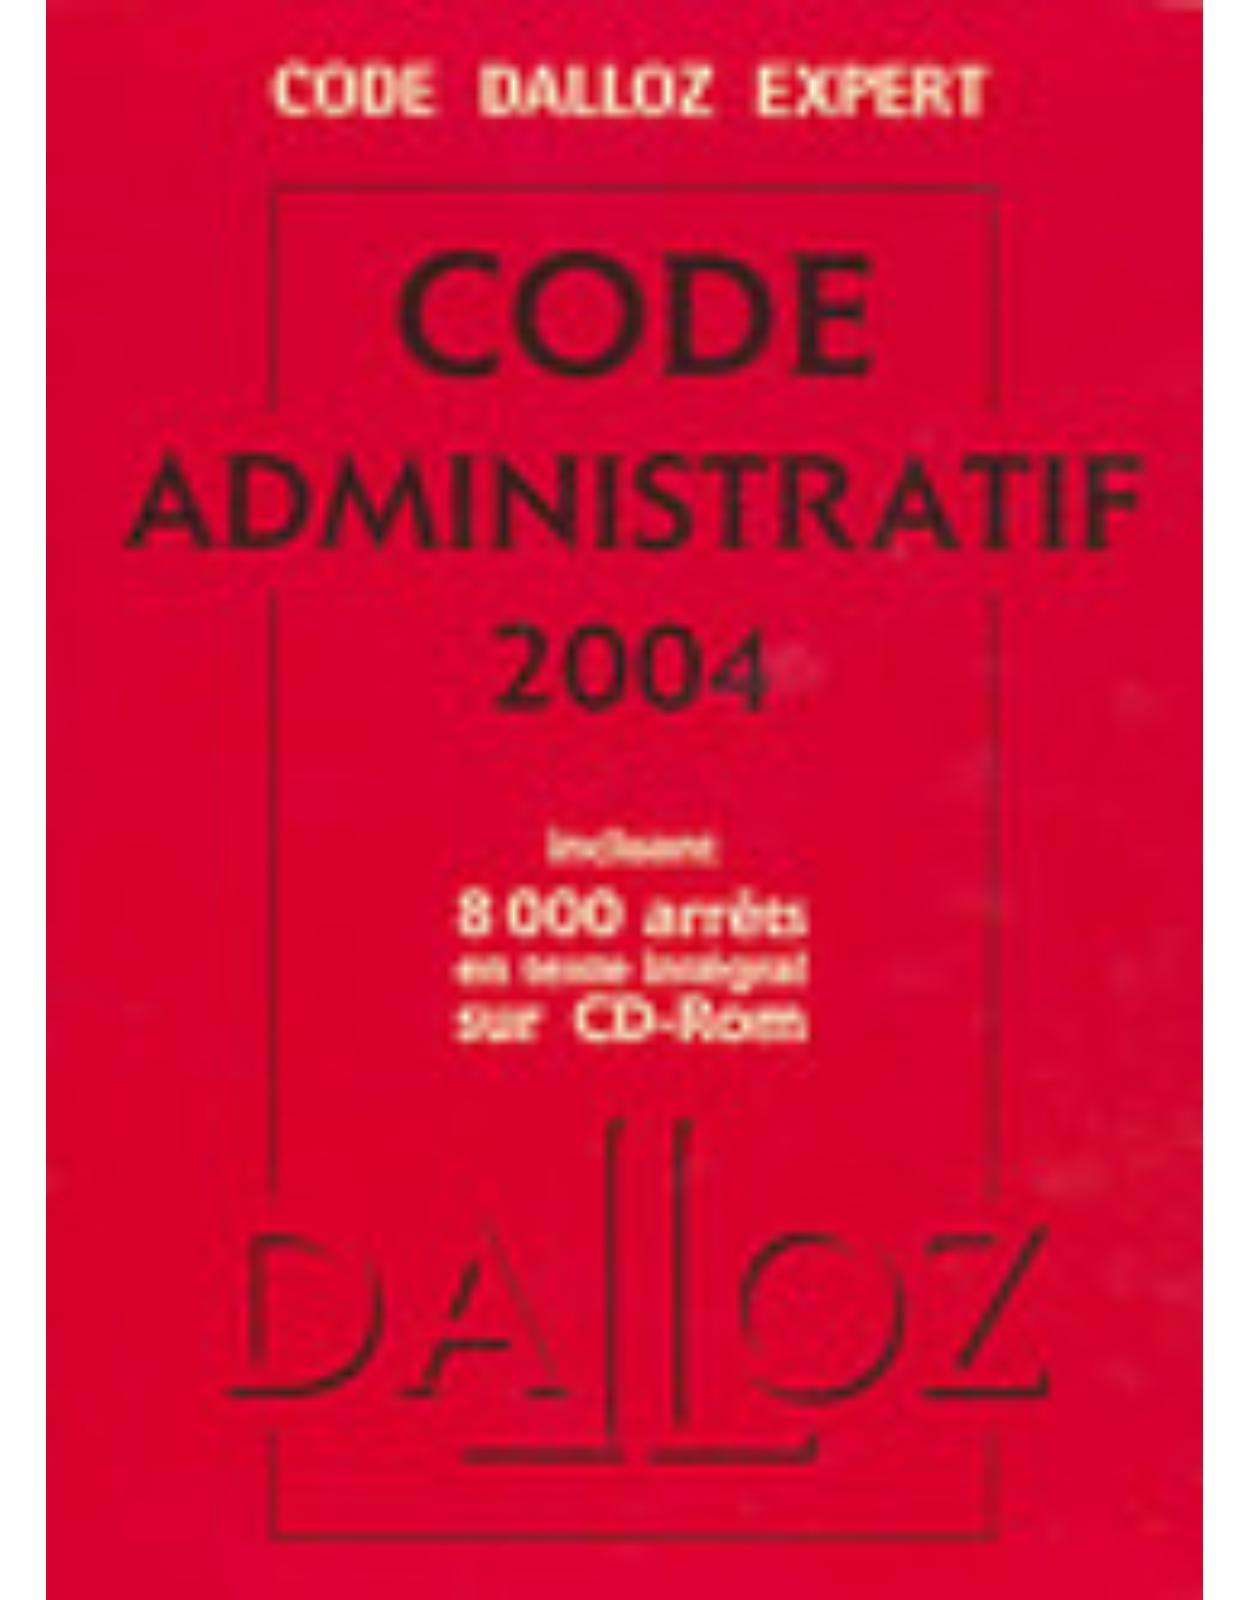 Code Dalloz Expert. Code administratif 2004(plus CD)